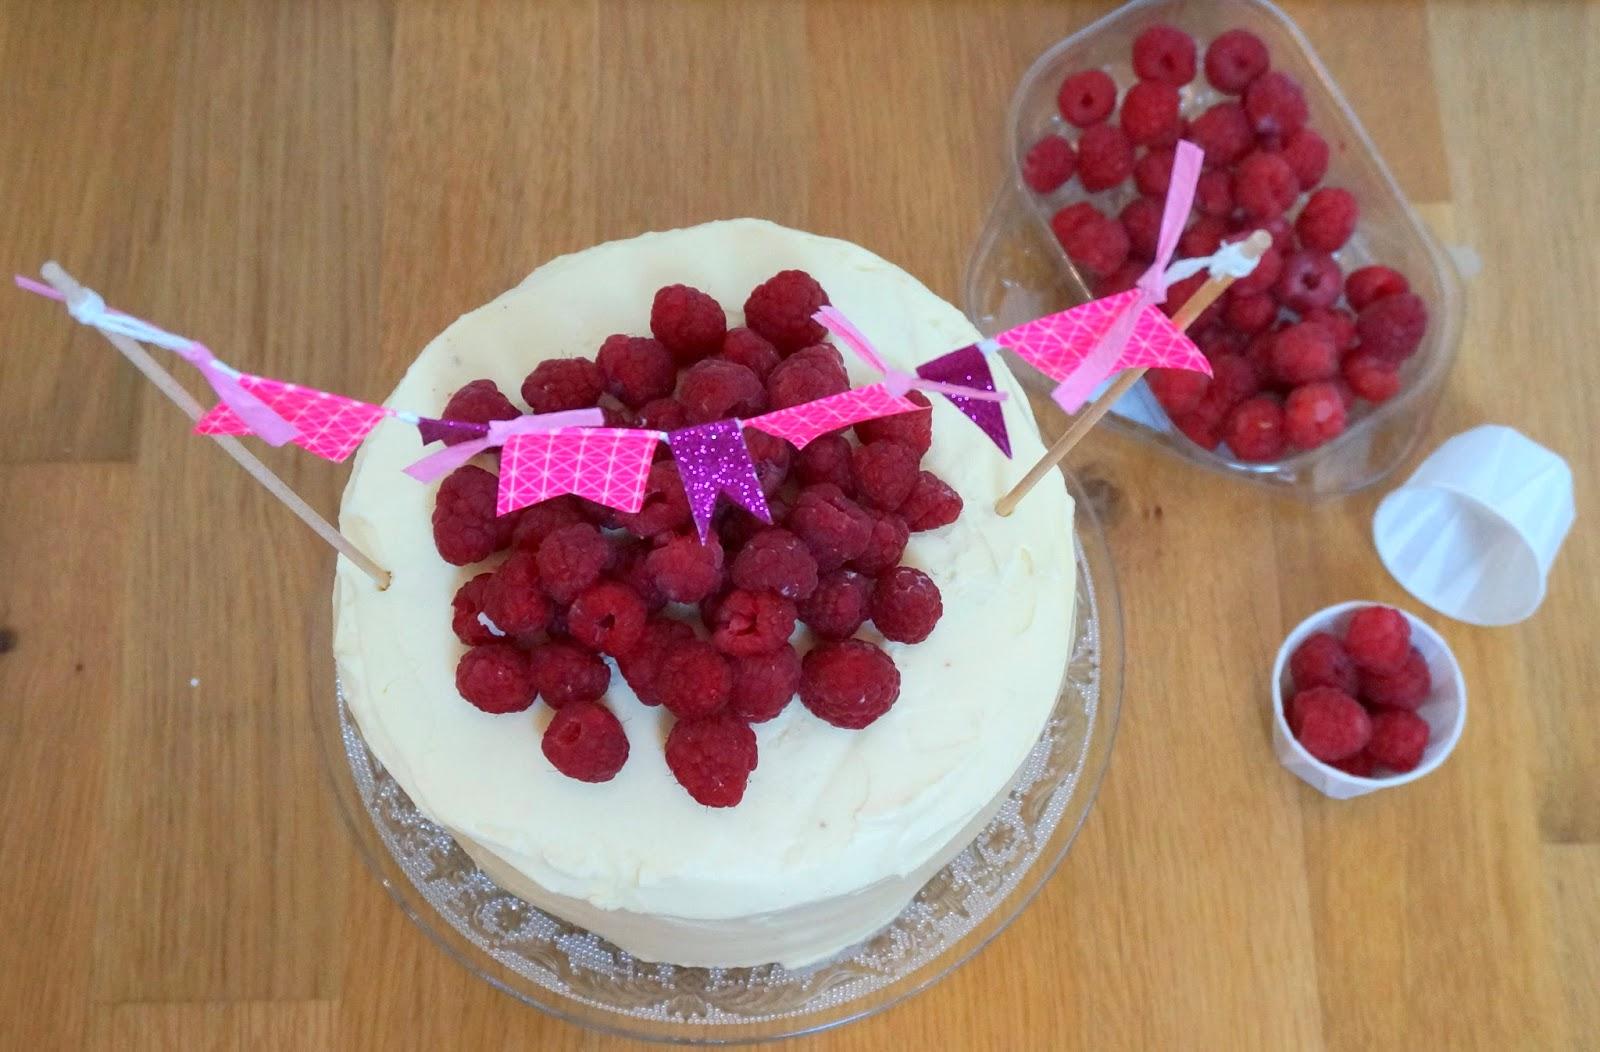 Birthday cake, Torte mit weißer Schokolade, Himbeertorte,